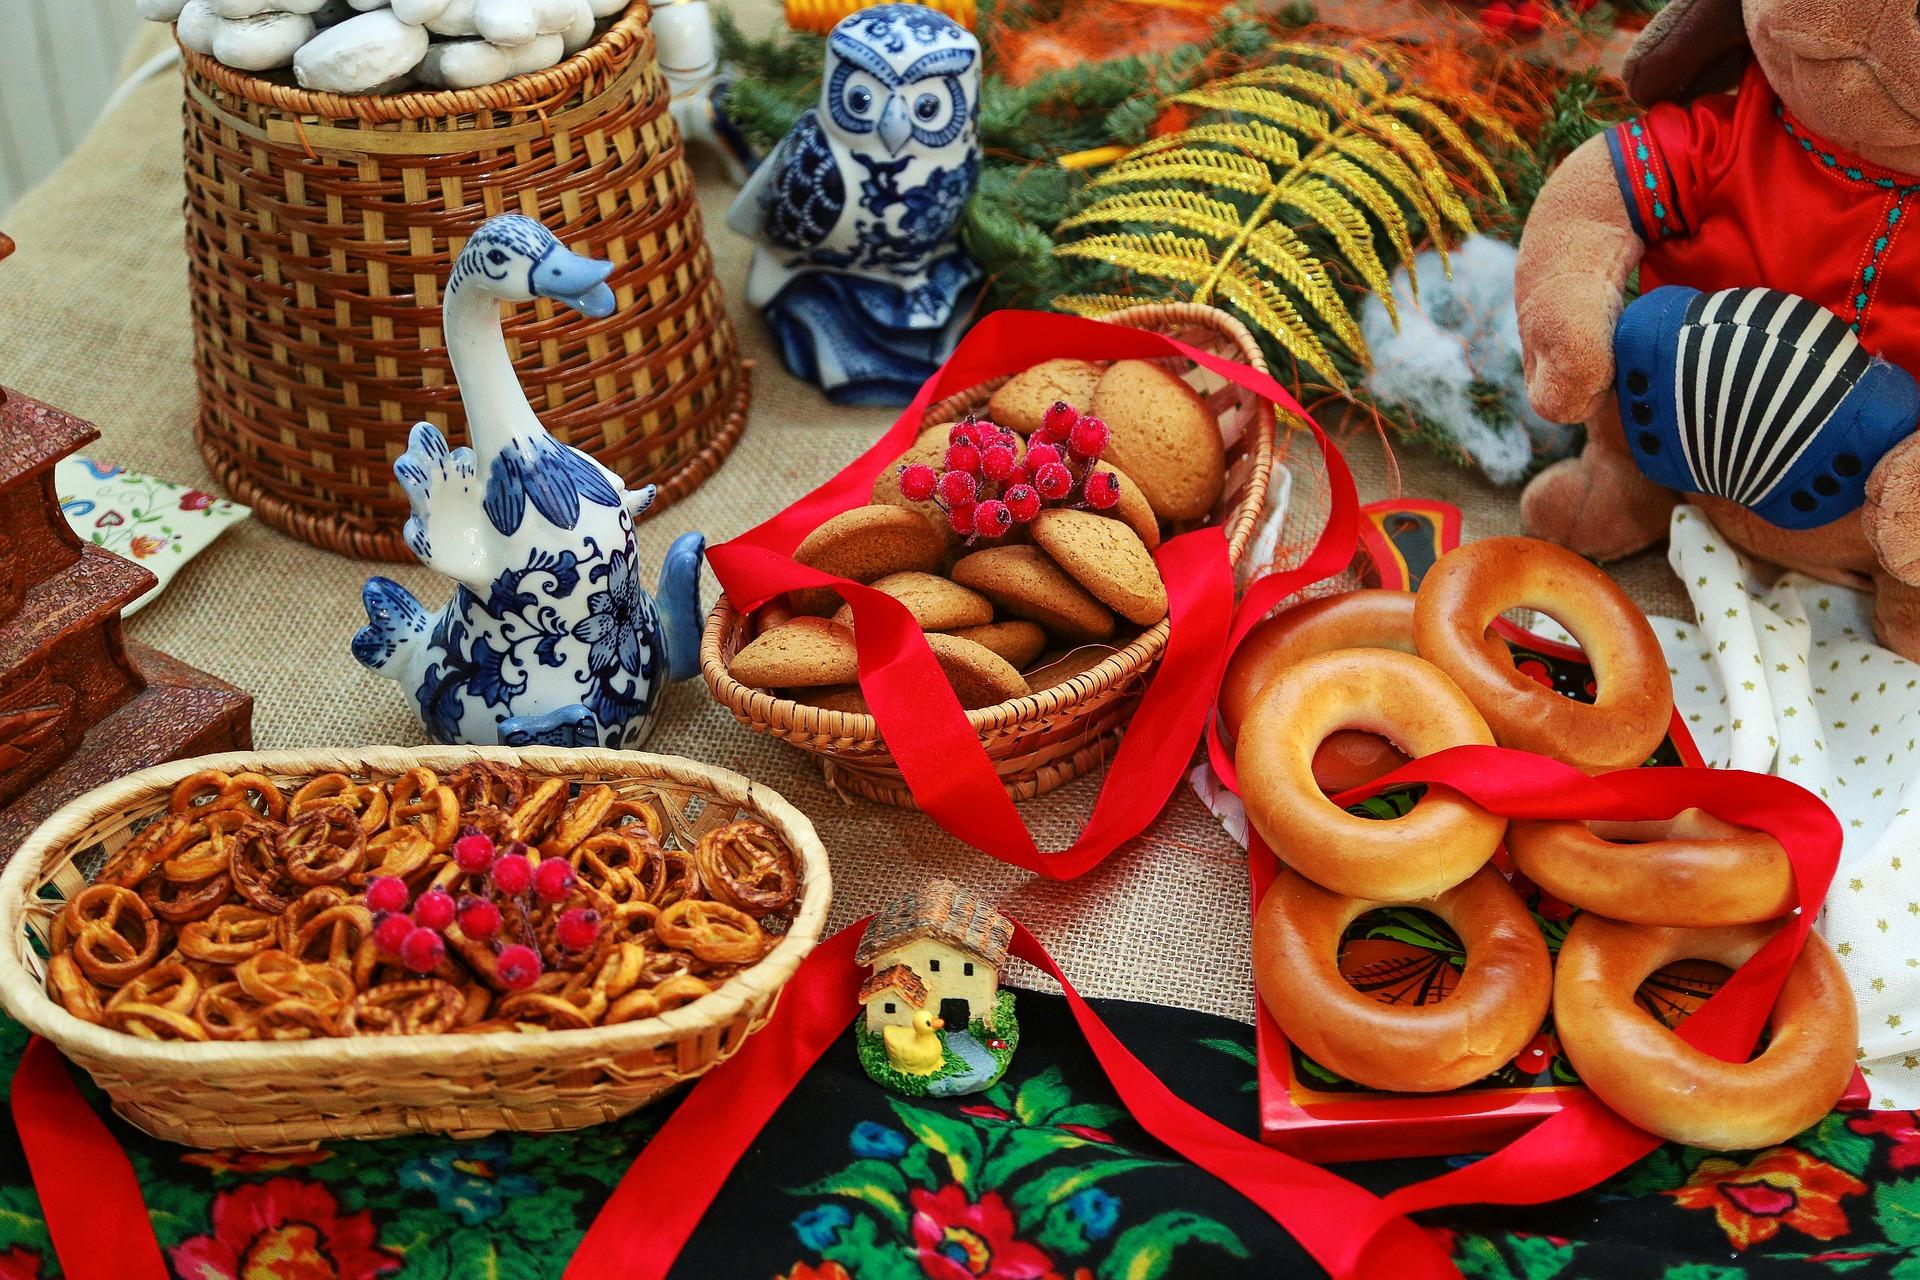 Гастрономический туризм: конфетки, бараночки и прочие местные вкусняшки